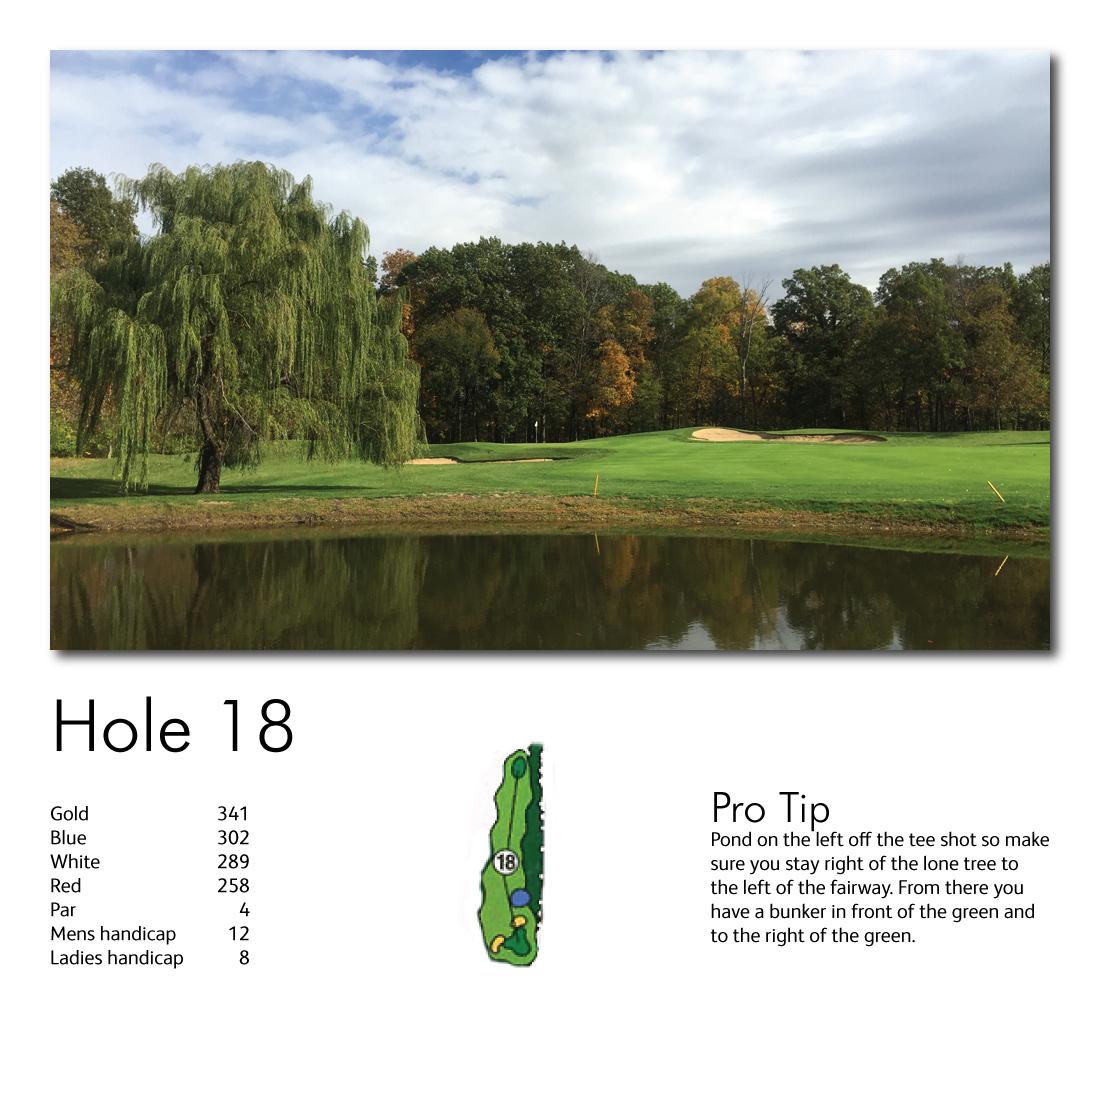 Hole-18-web-image.jpg